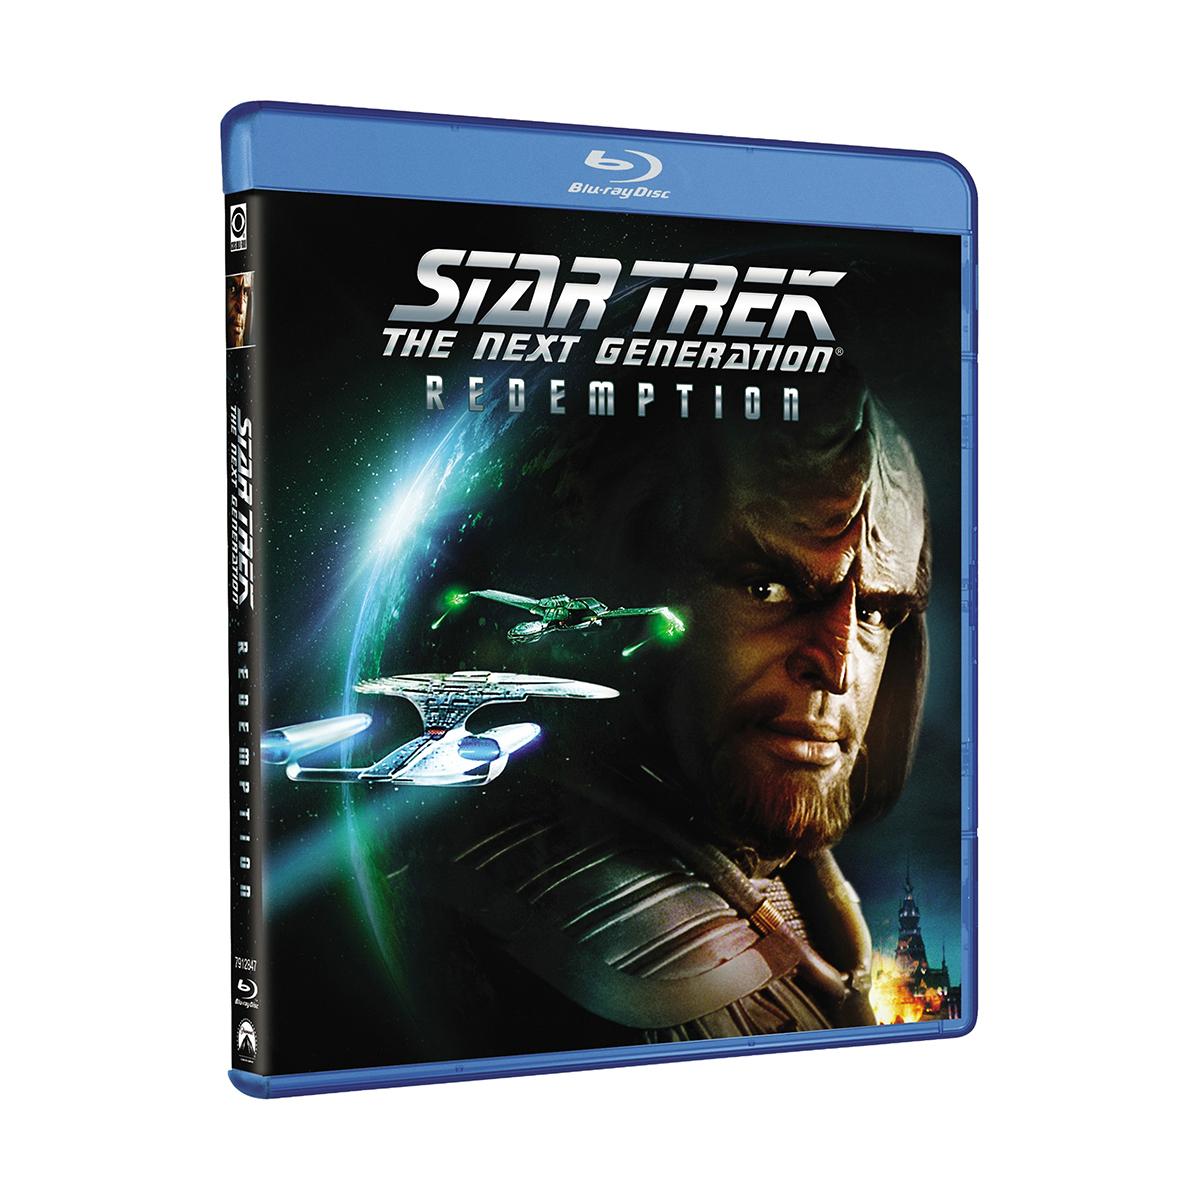 Star Trek: The Next Generation - Redemption Blu-ray -  DVDs & Videos 2870-452626